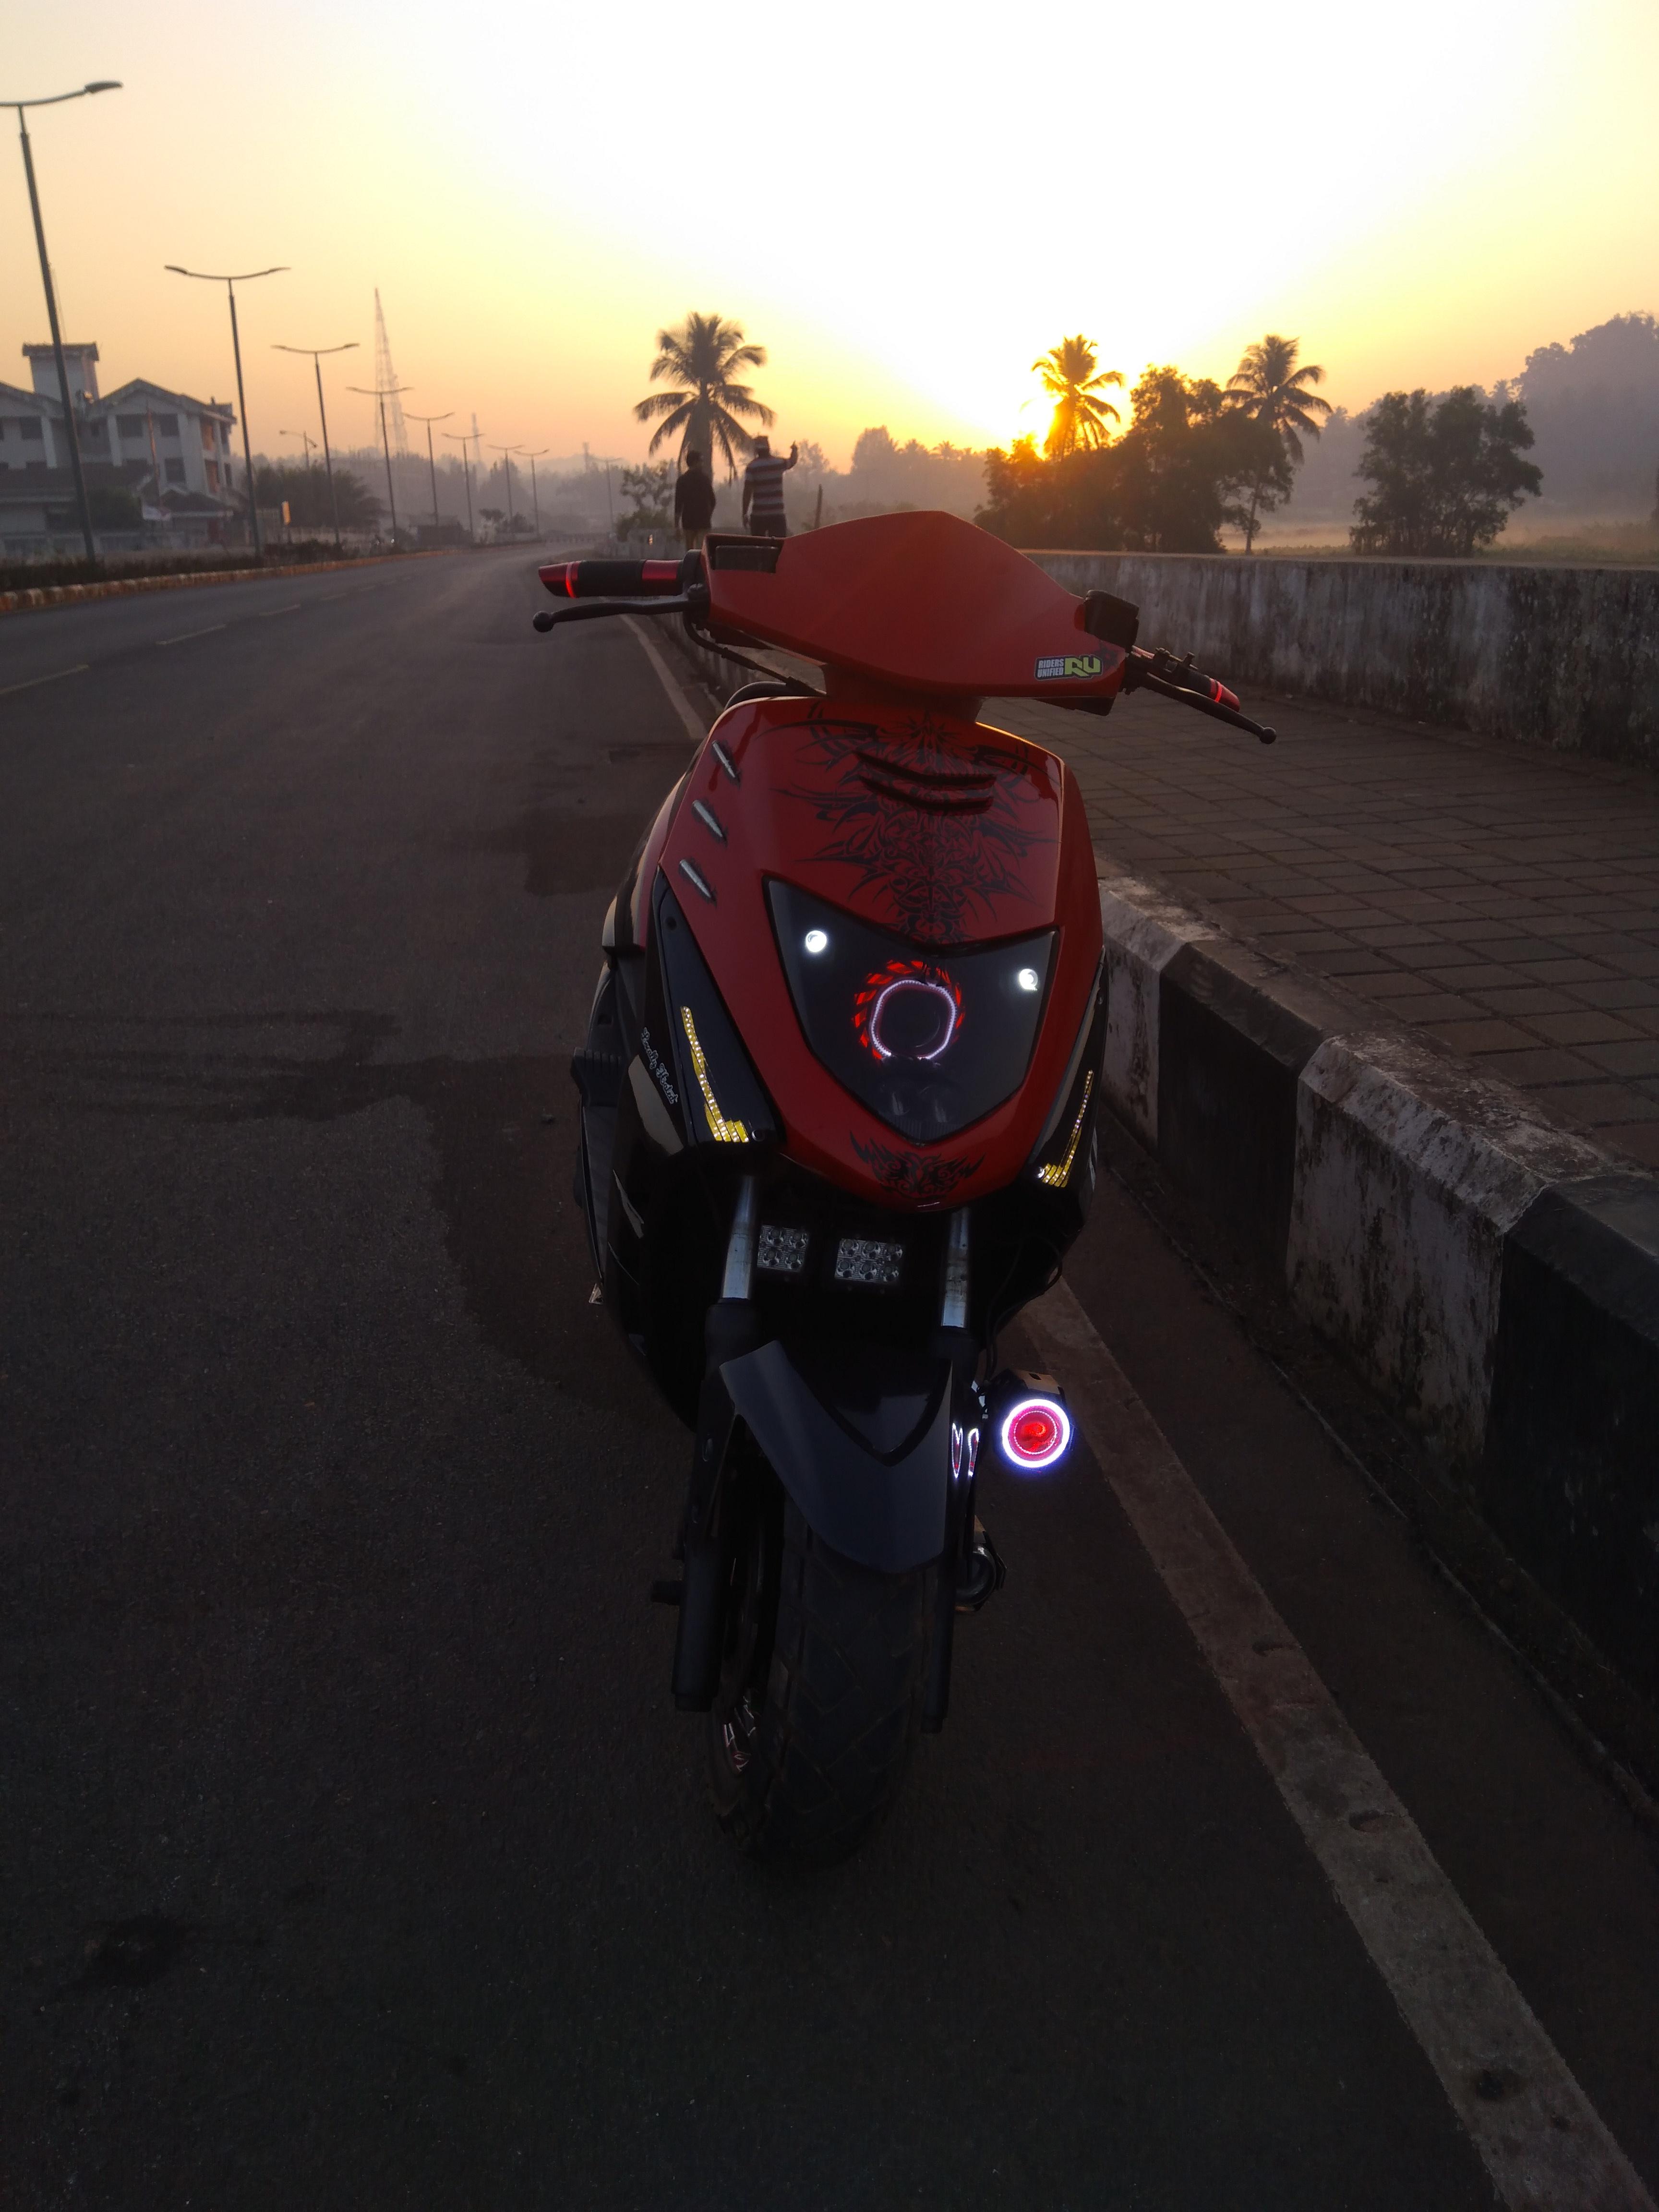 Ride image by Raqib Xeque